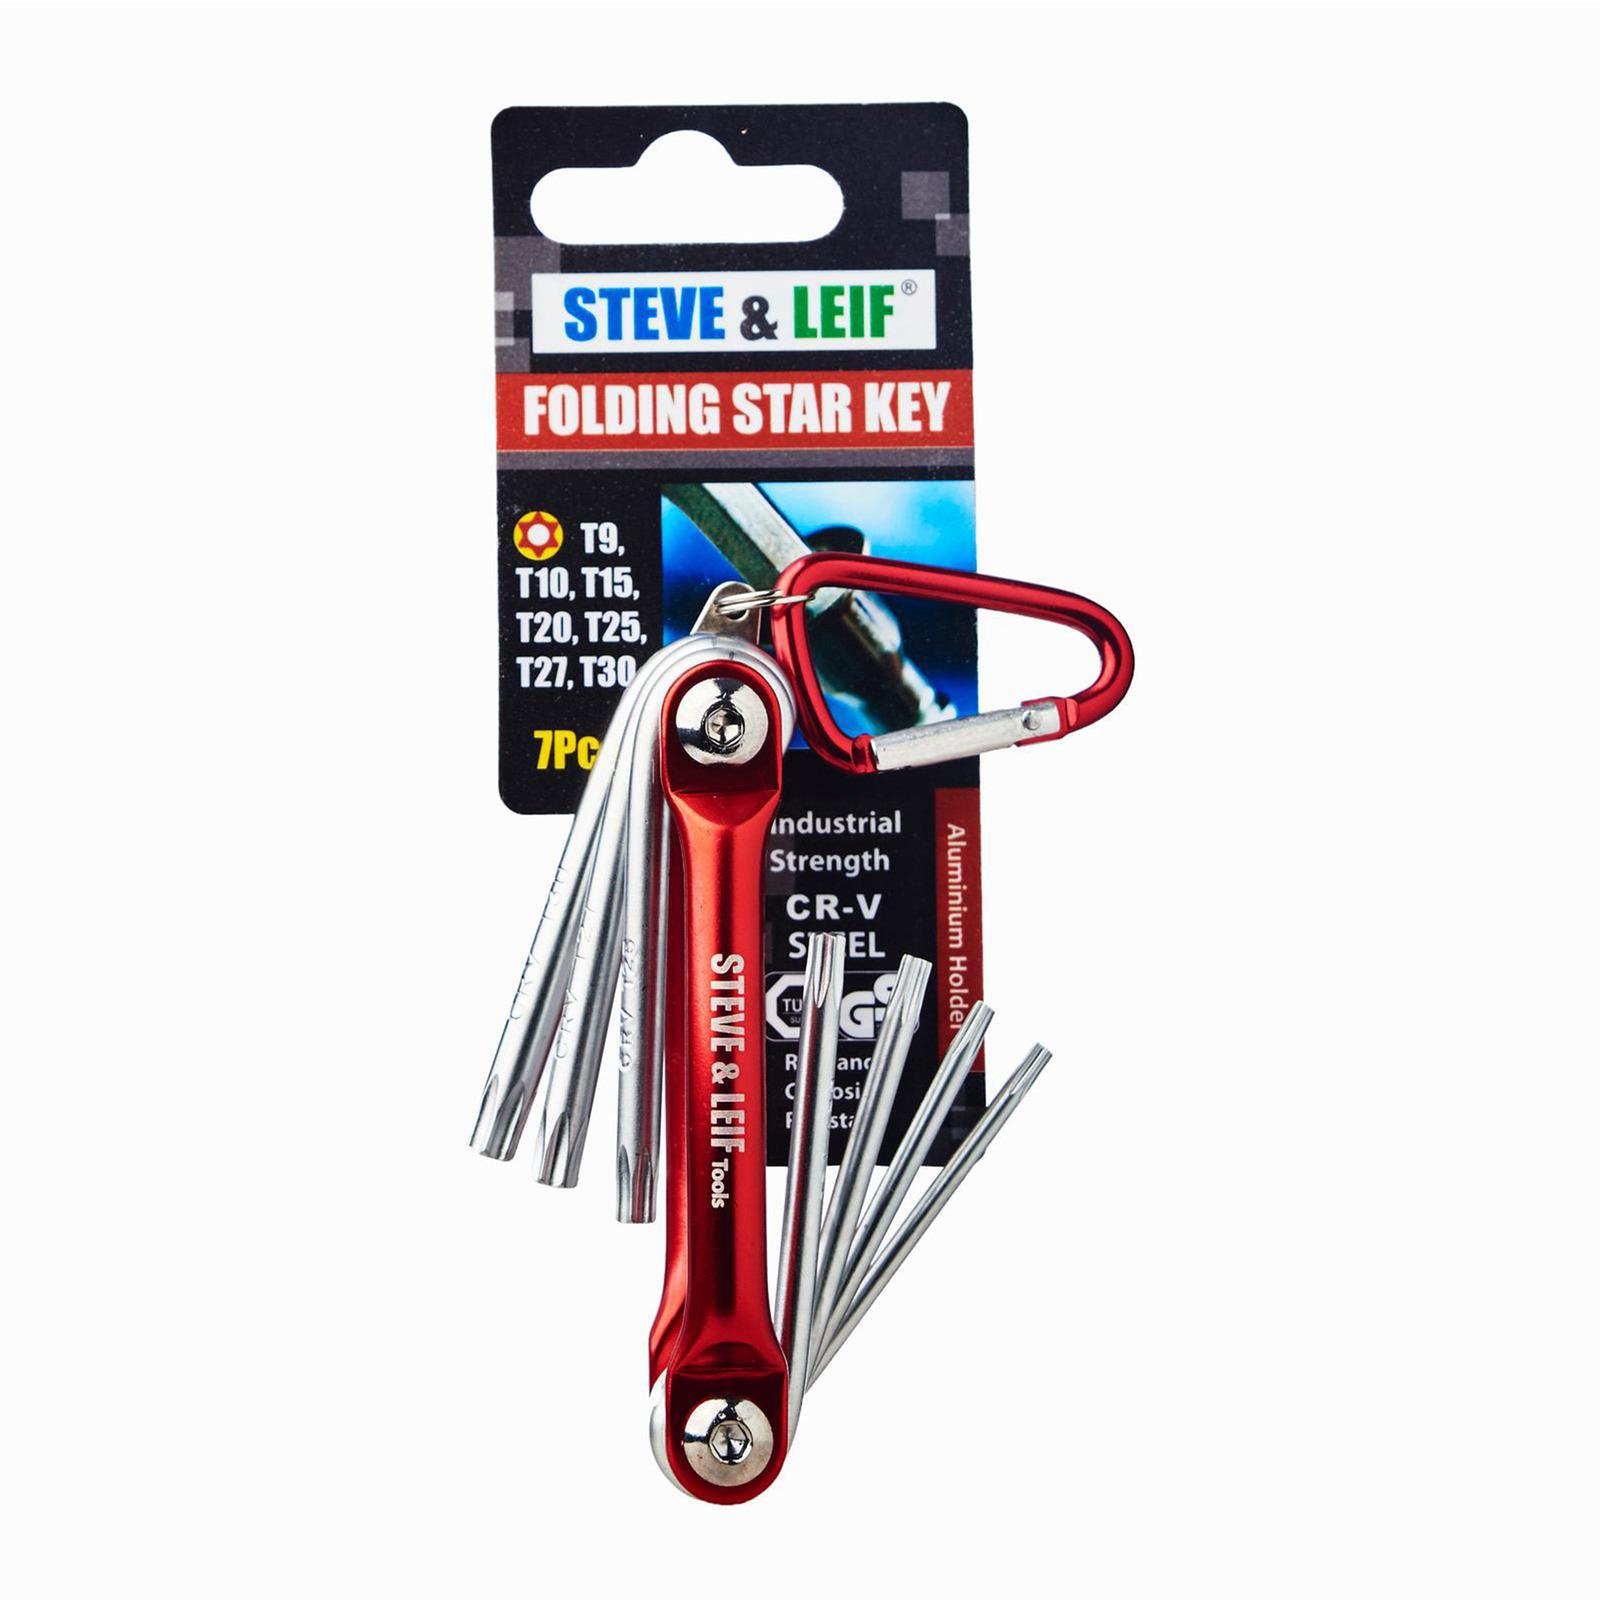 Steve & Leif 7 Pcs DIY Folding Star Key Set